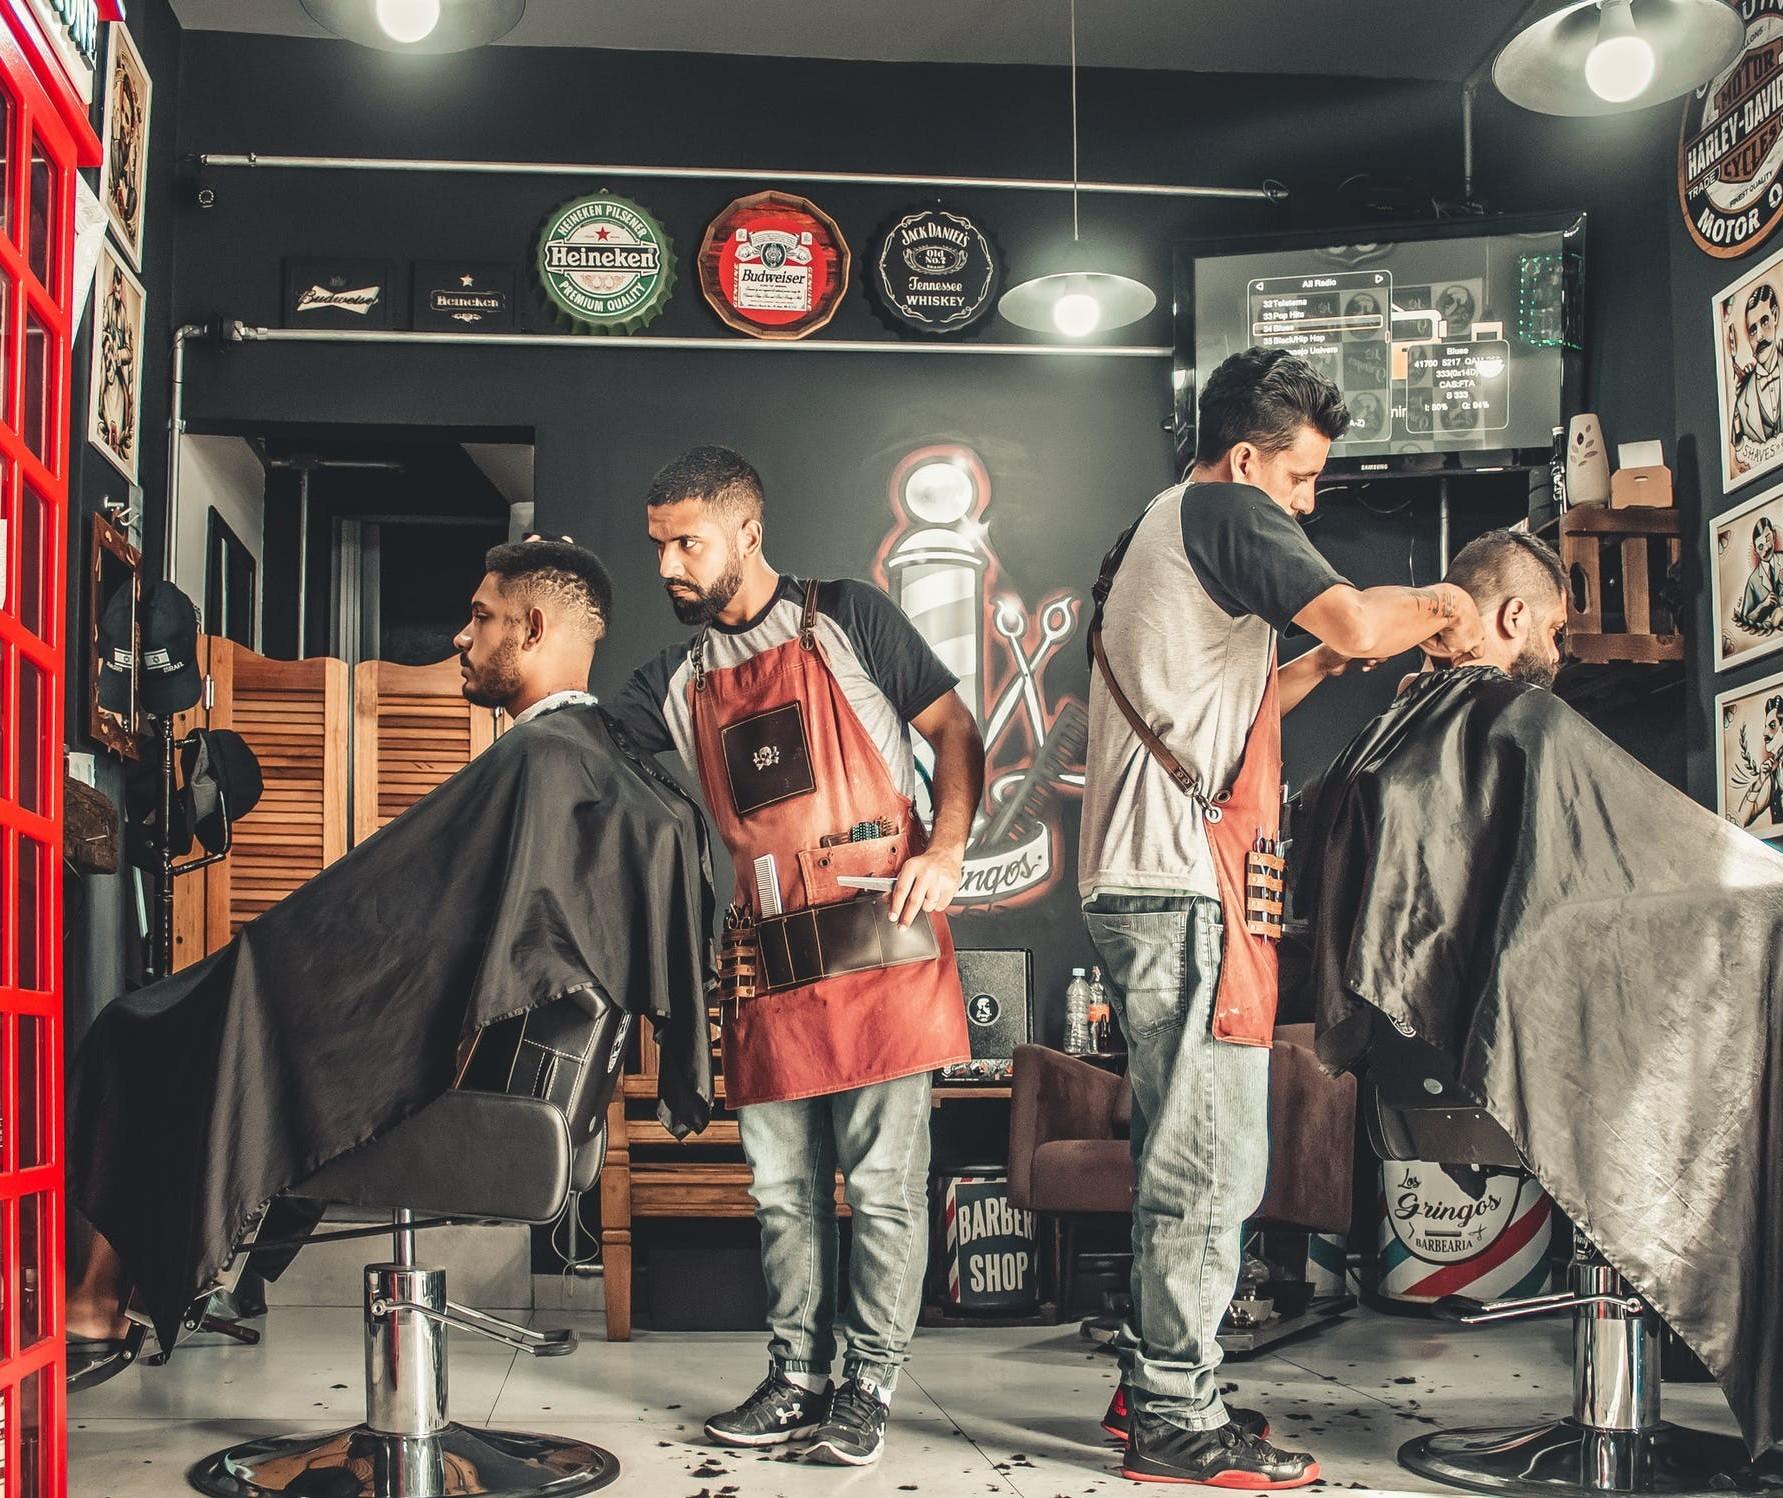 Salões de beleza e barbearias devem reabrir quarta, diz Ulisses Maia